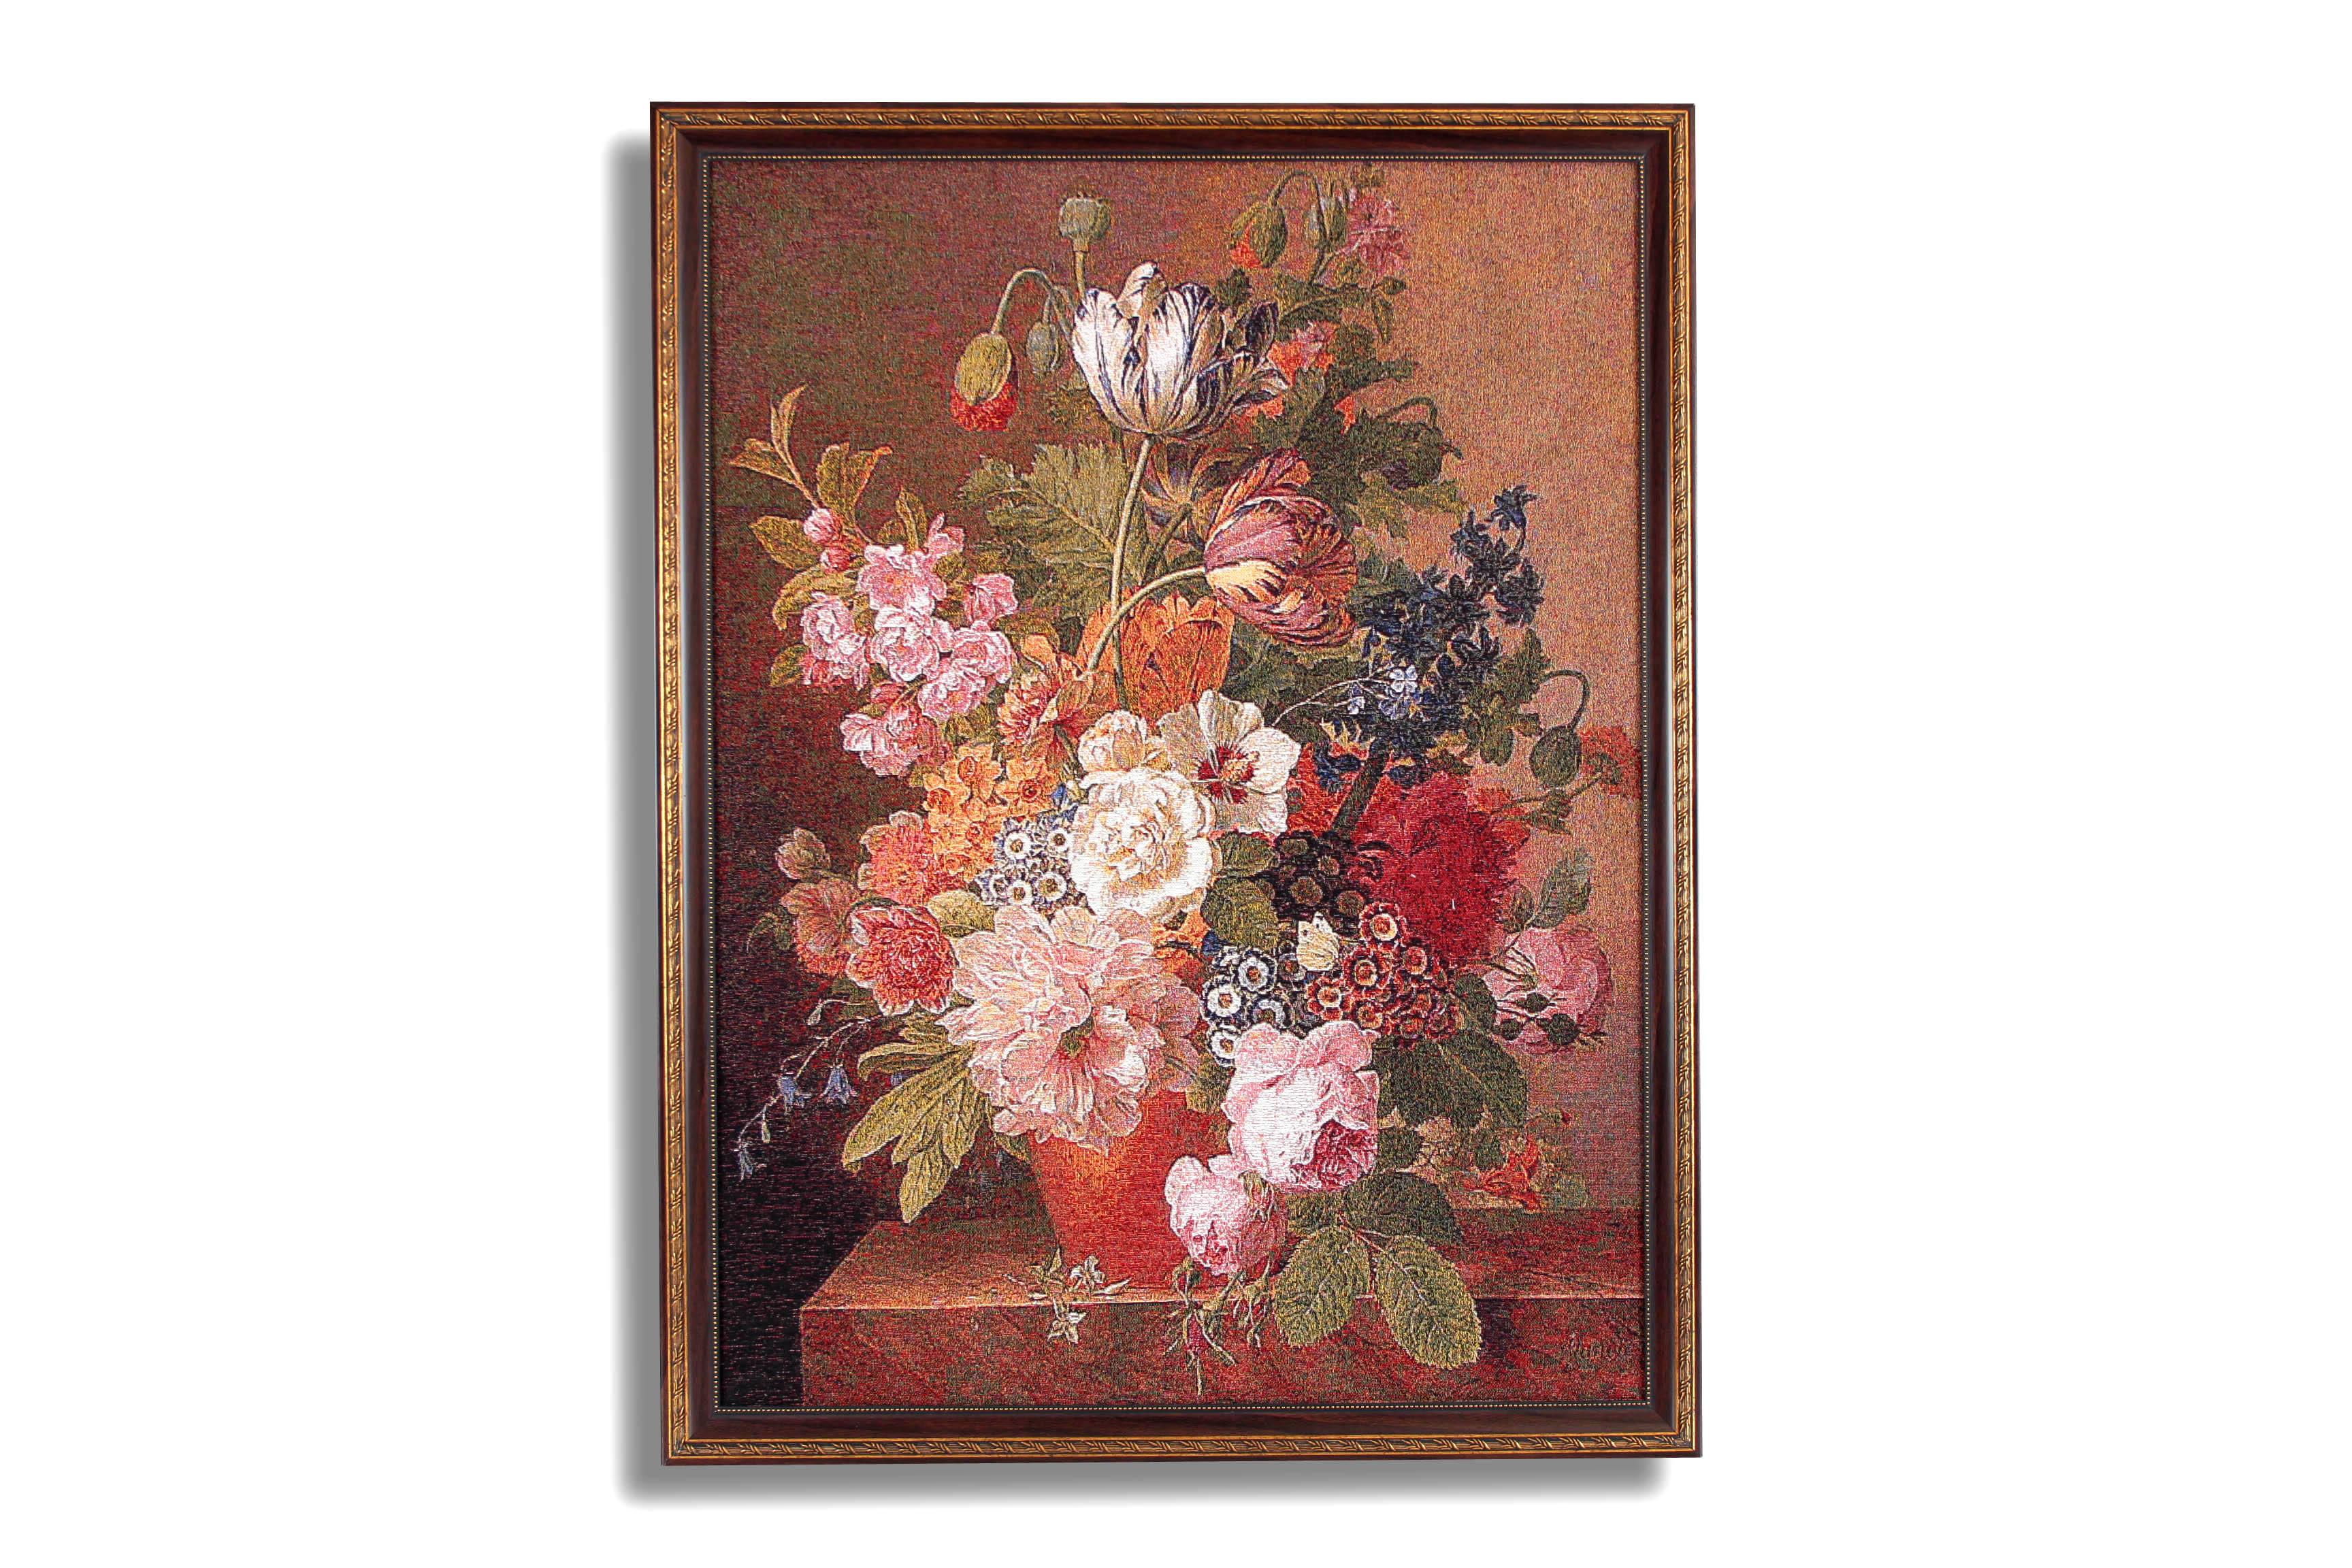 Картина Магазин гобеленов букет пионов и тюльпанов 69*90 см, Гобелен